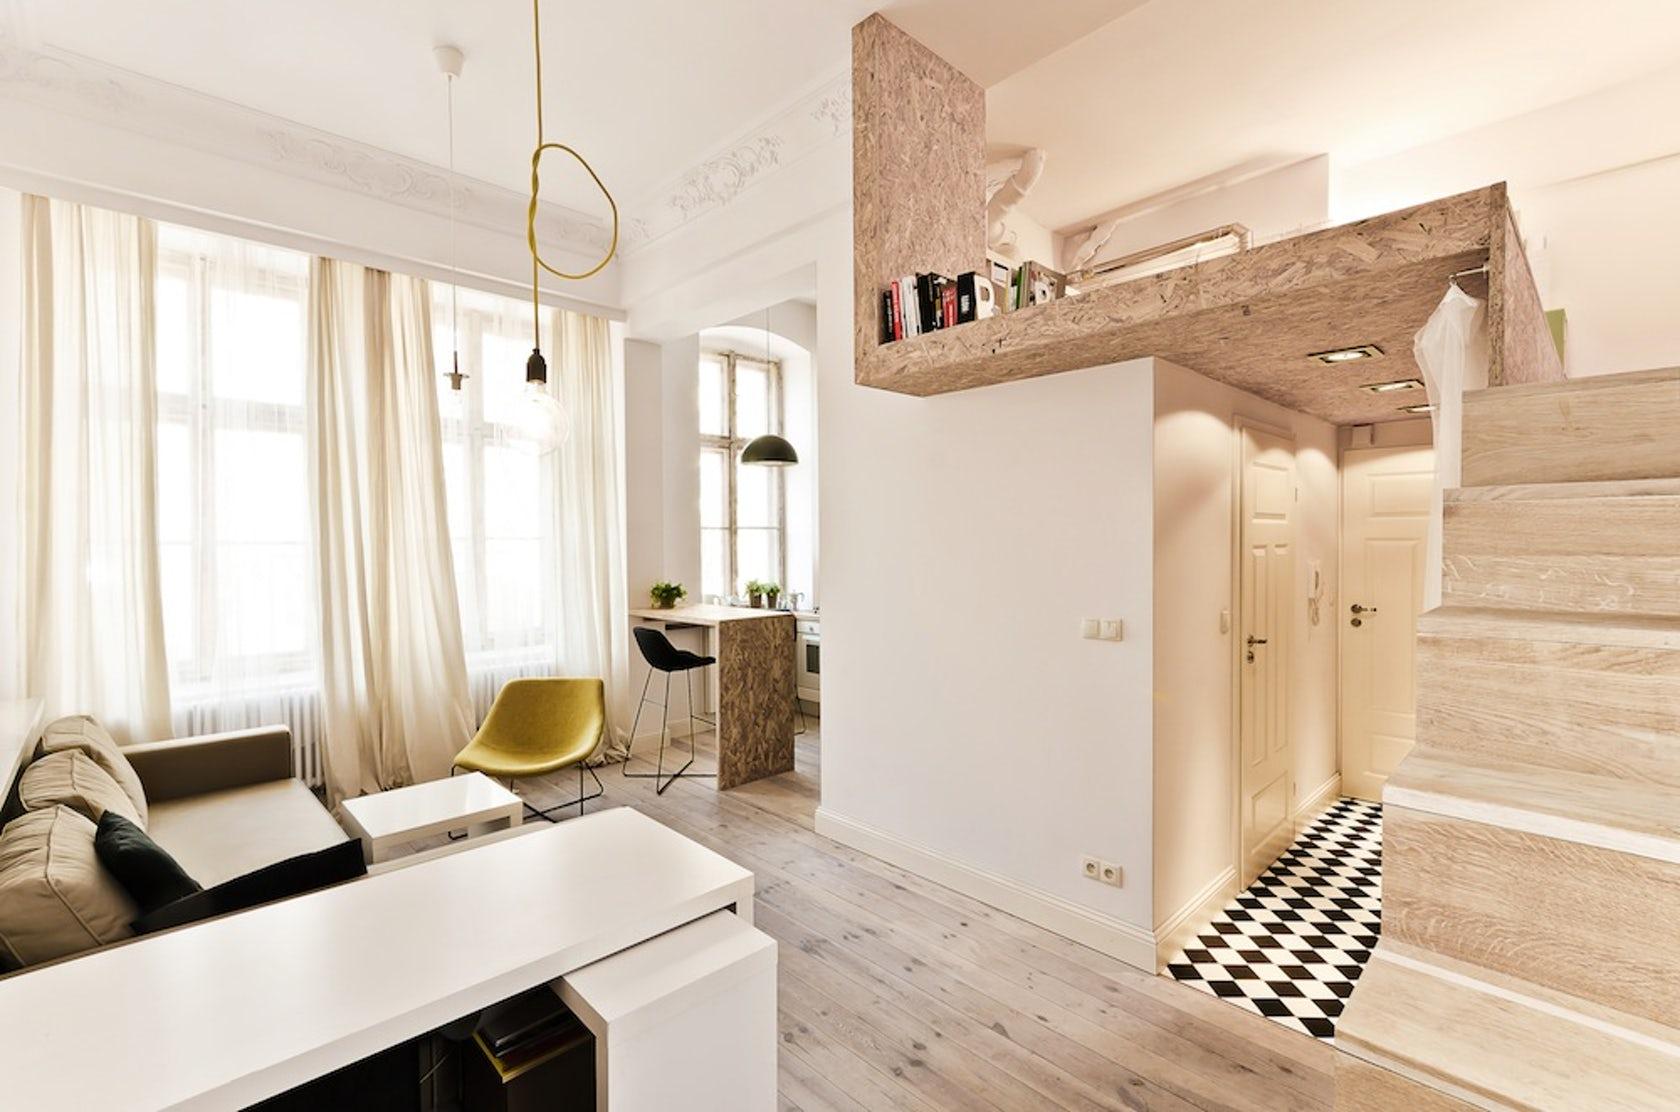 Come Arredare Piccole Case vita da single: 5 idee per arredare piccole case da sogno